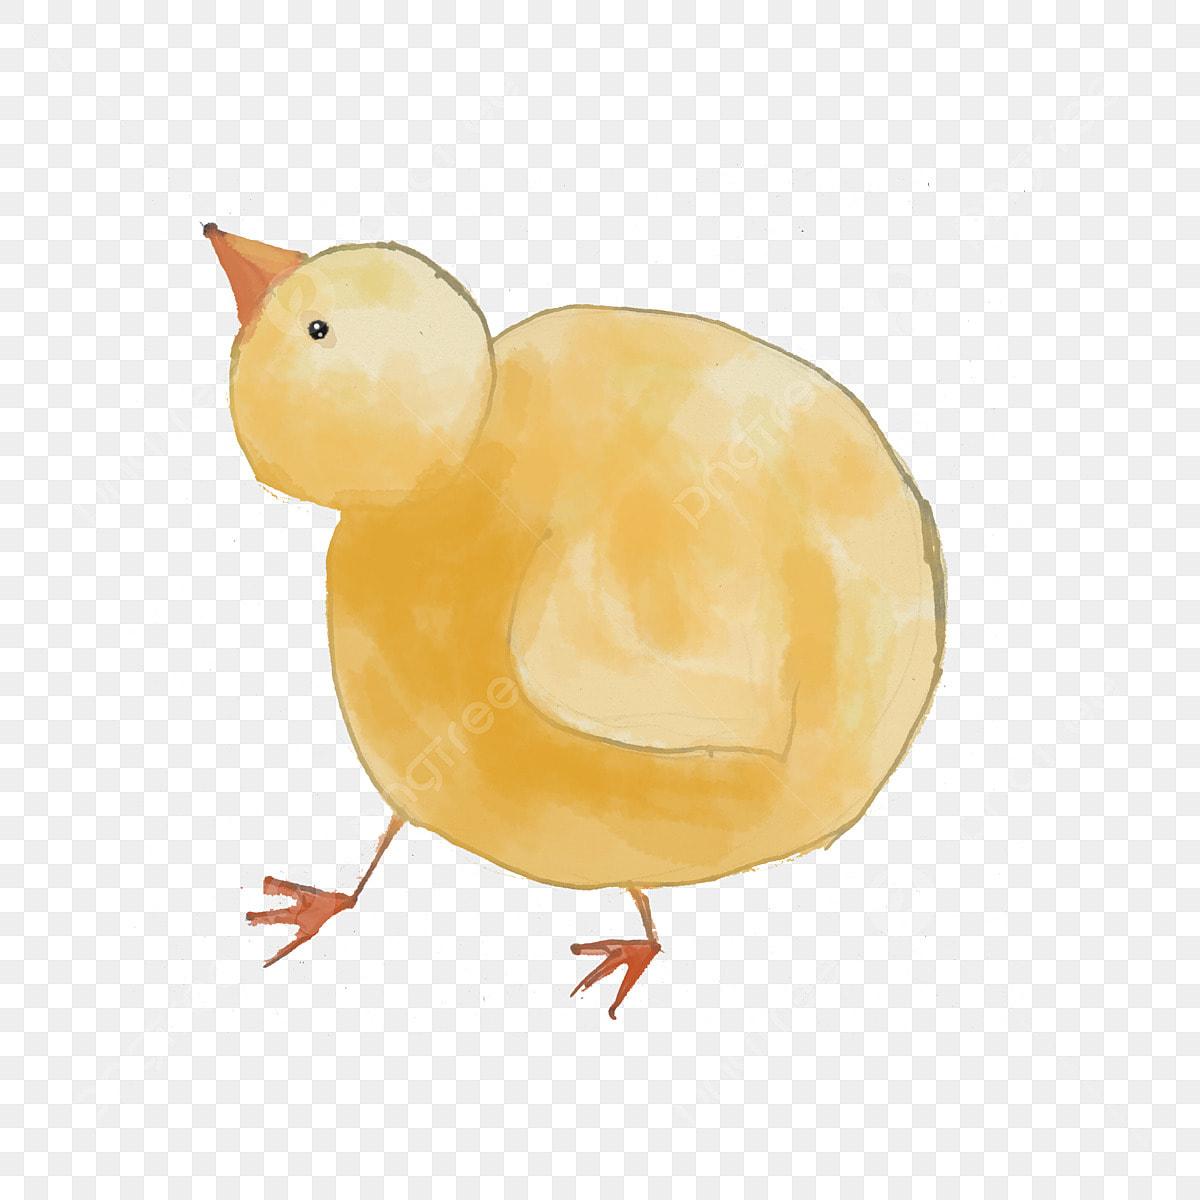 無料ダウンロードのための鶏の赤ちゃん 鶏 ひよこ 動物png画像素材